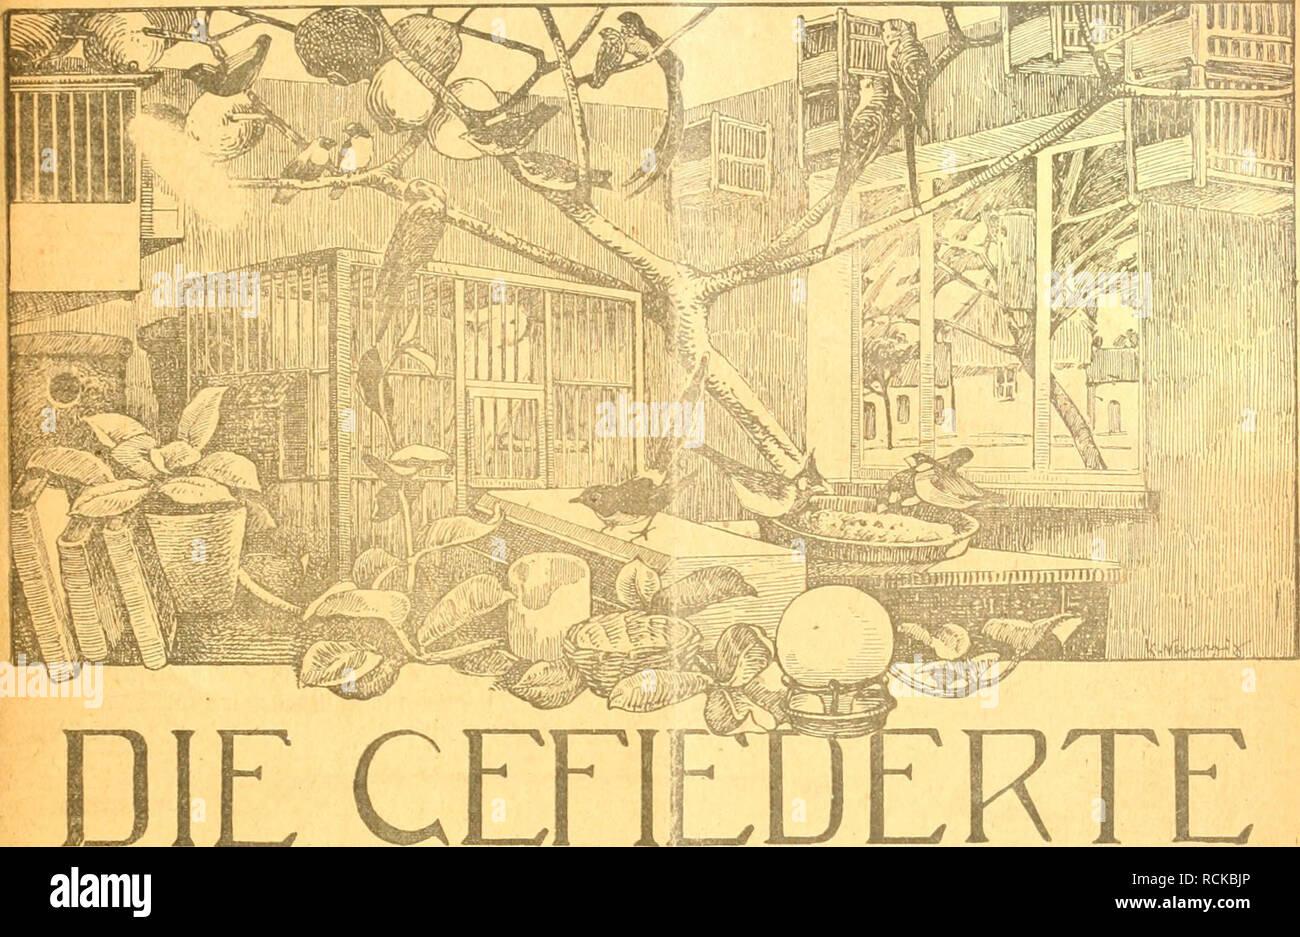 . Die Gefiederte Welt. Gli uccelli. IV M Heft 1. 3. Januar 1918, lahrgang XLVIi.. DIE WELT ccriE ZFJTSCHRIFT FÜR -VOGELLIEBHABER. Begründet von Dr. Karl Ruß. Herausgegeben von Karl Neunzig in Hermsdorf bei Berlin. INHALT: Vogelliebhaberei! Plauderei von J. Biri- , Leipzig. Weitere Beobachtungen von südafrikam poi Lerchen. Von Alfred Weid. holz, Wien. Zur Spatzenfrage. Von H. V. Bottiche i-. Zu den surrogato del- und Nebenfutterfragen. Von A. Adlersparre. Ooethis Beziehungen zur Ornithologie. Walter Von Bacmeister. Kleine IVlltteilungen. - Sprechsaal. - Au., deu Vereinen, - Redaktionsbriefkasten. Abonnetne Foto Stock